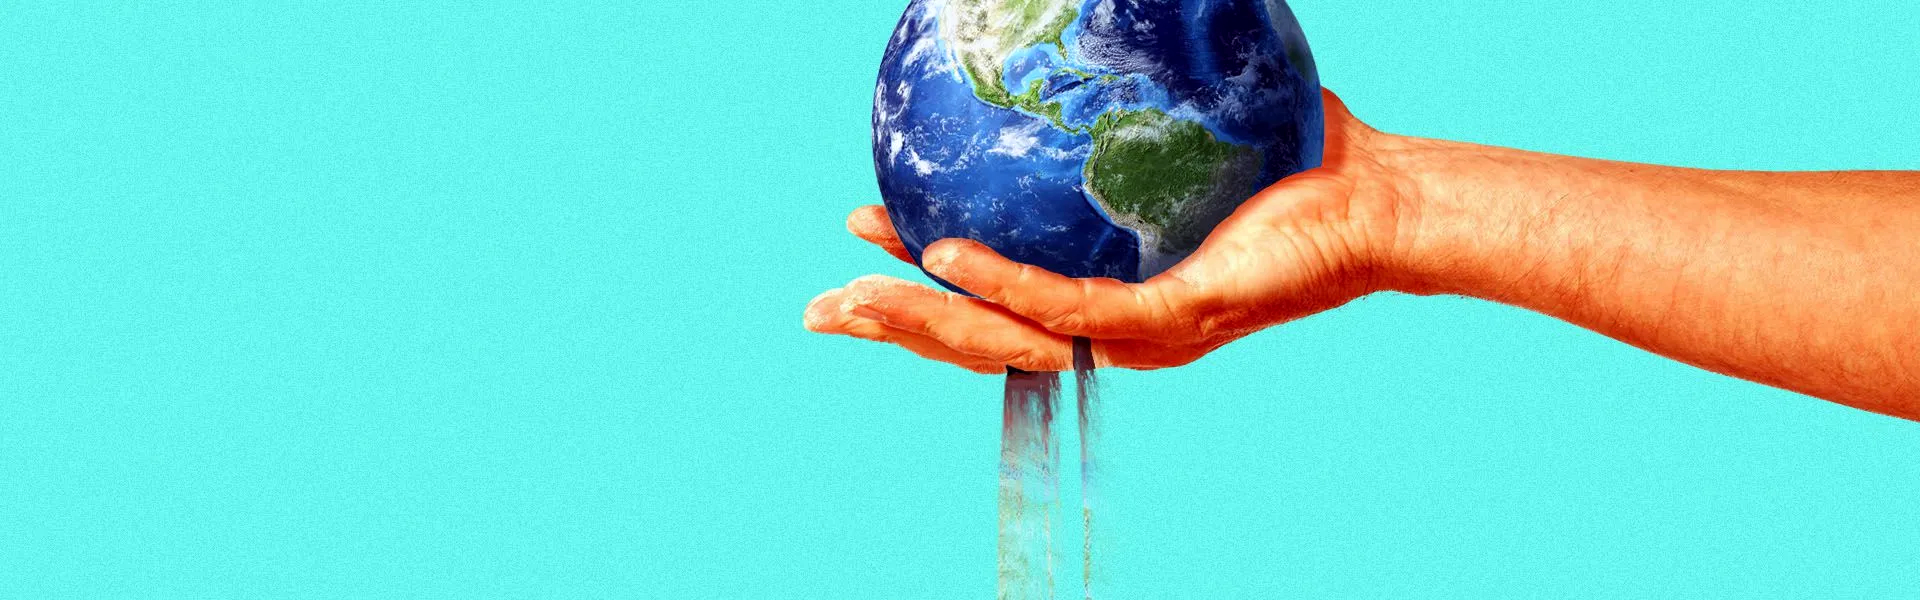 Riscaldamento globale della Terra